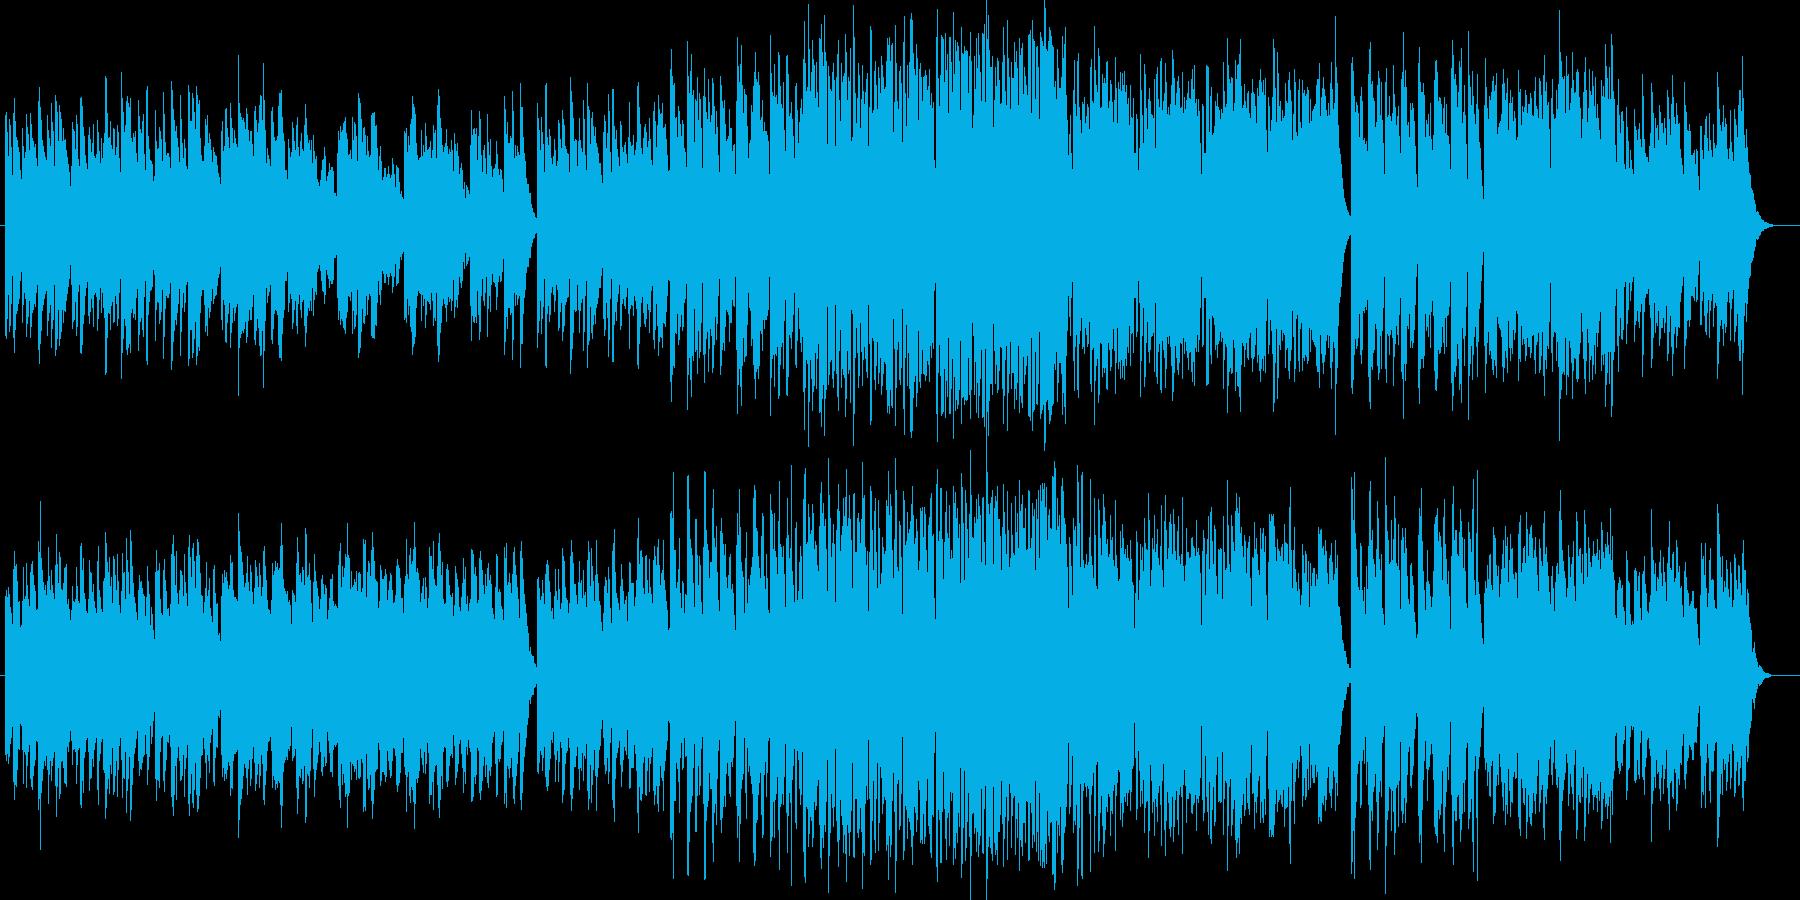 美しい音色のオルゴールシンセなどの曲の再生済みの波形